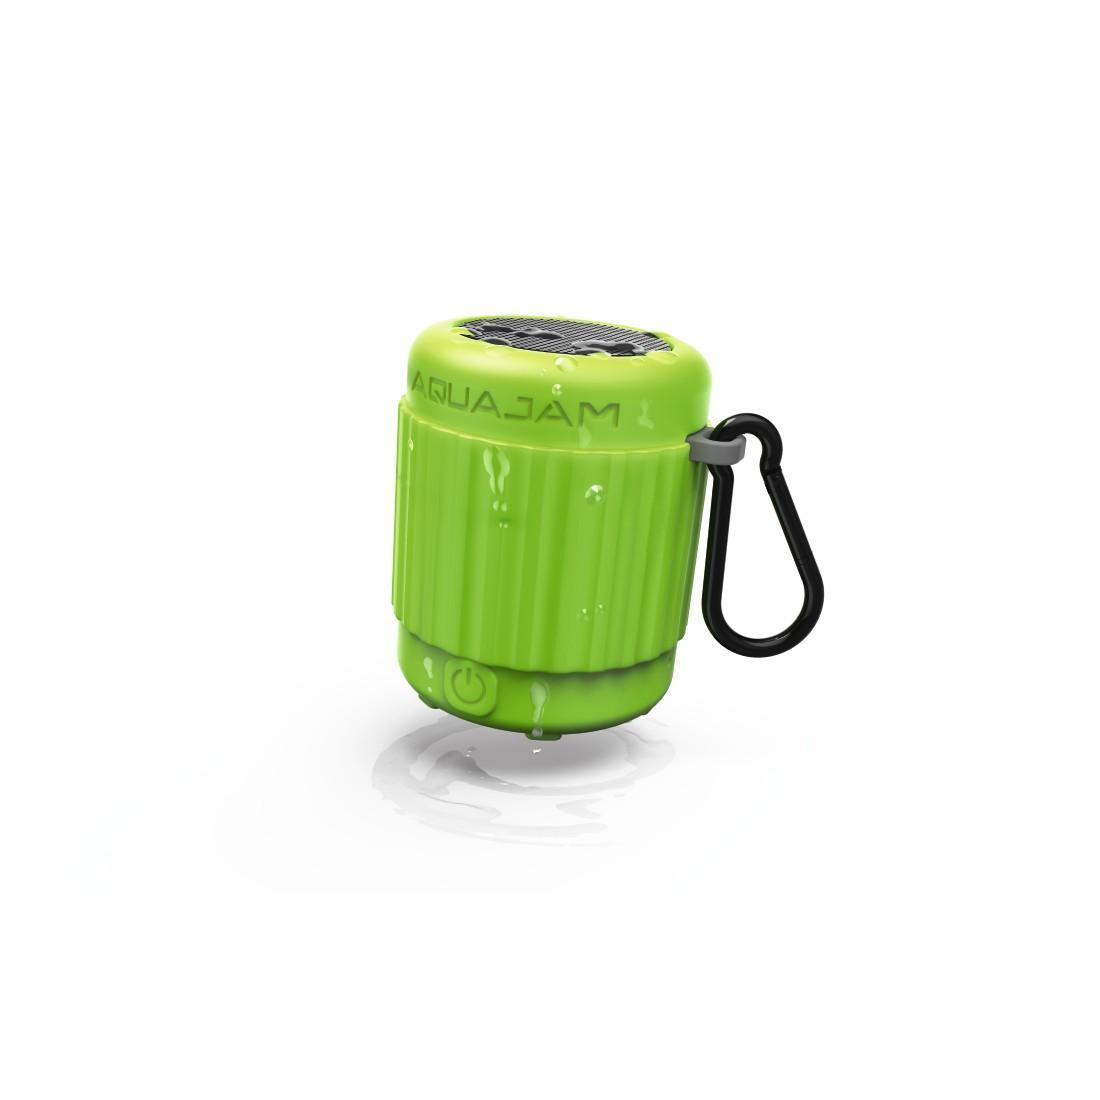 Блутут мобилна колонка HAMA  Aqua Jam, Зелен